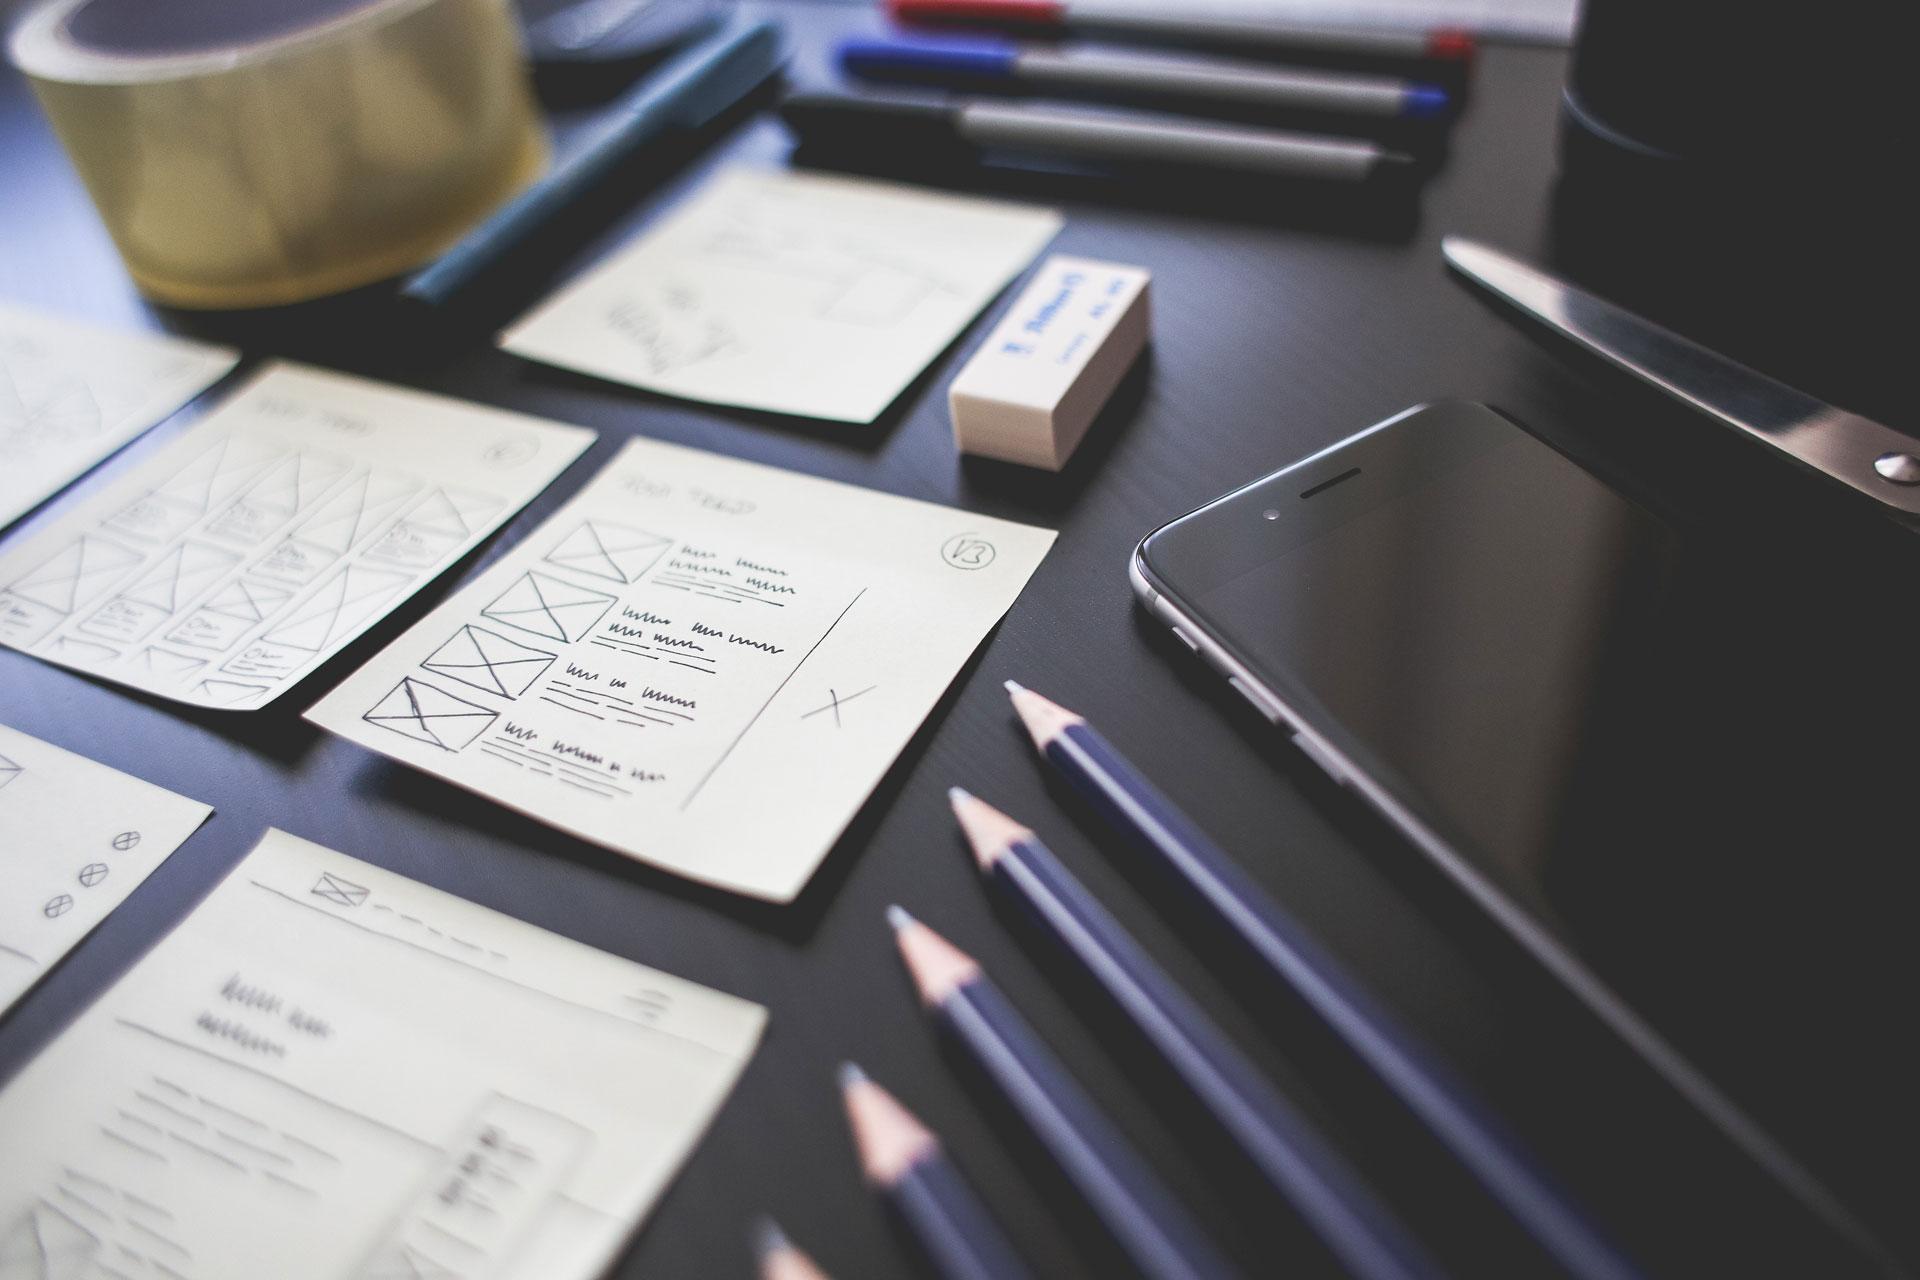 designsignature - design web hosting